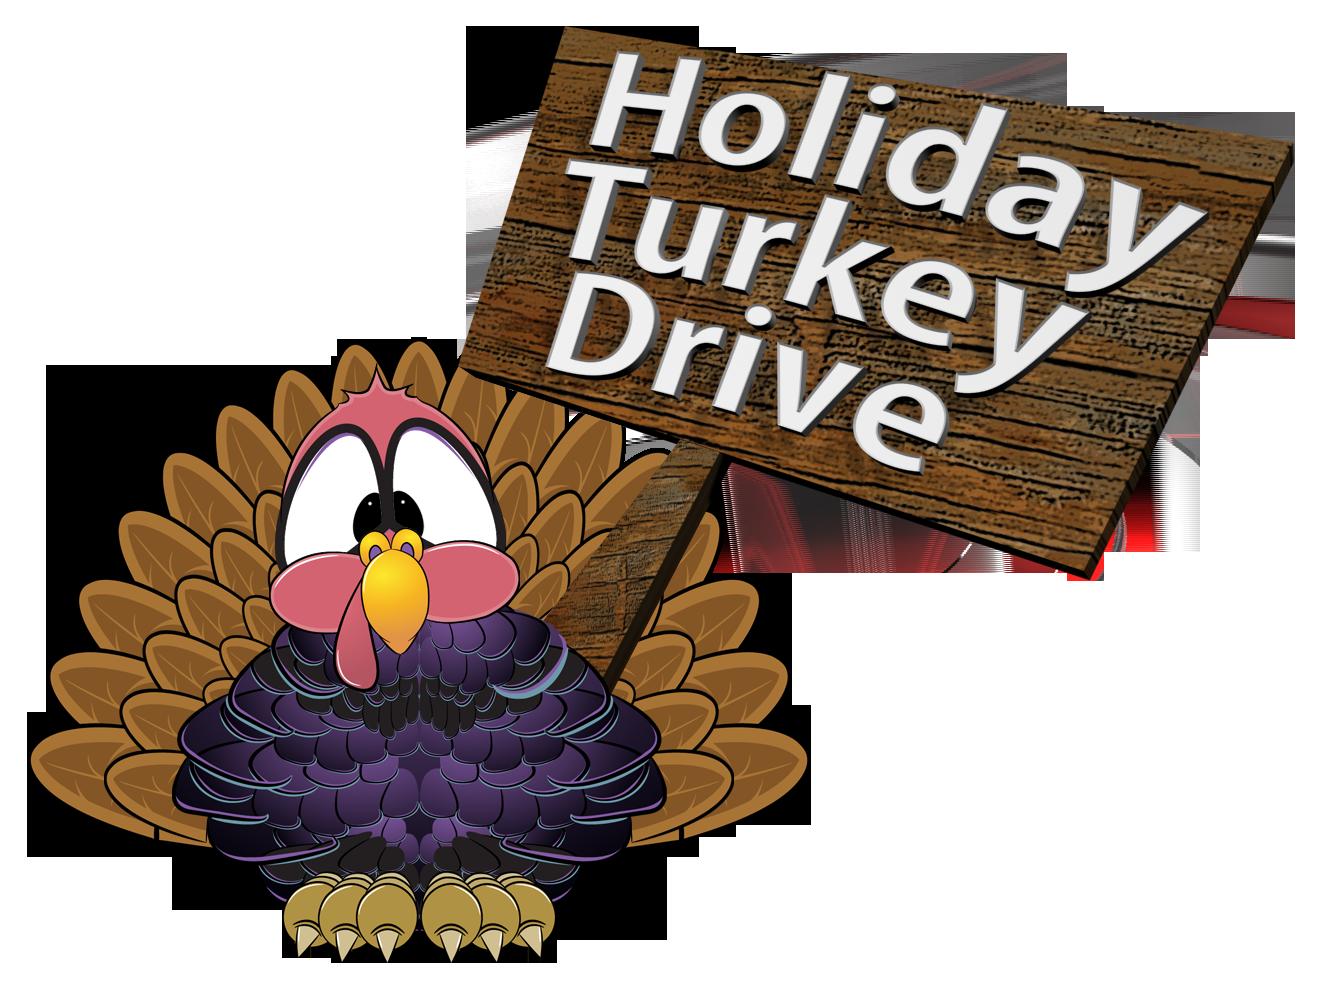 HOLIDAY TURKEY DRIVE logo